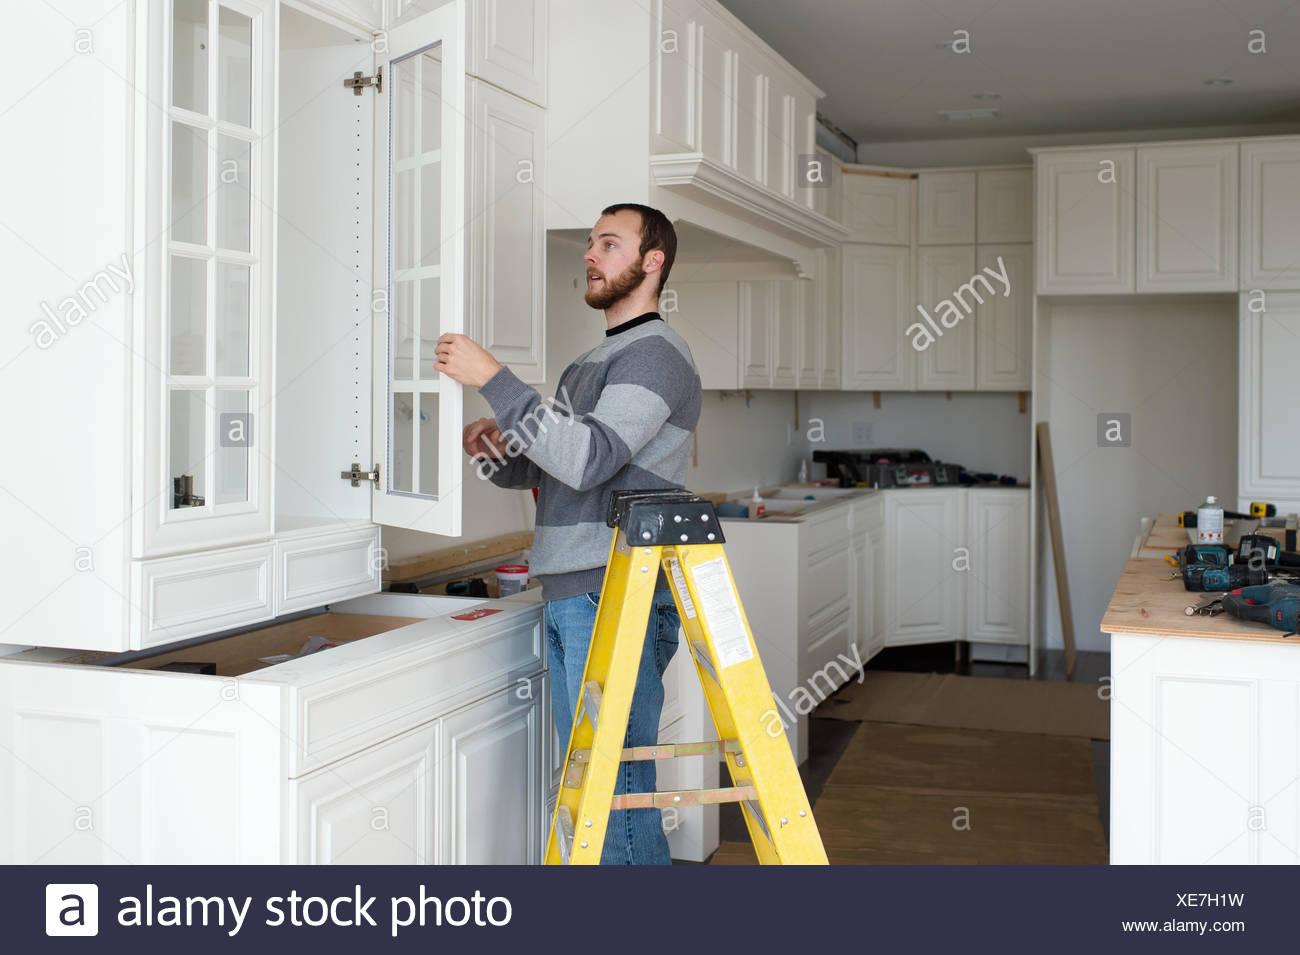 Carpenter installazione mobile da cucina Immagini Stock